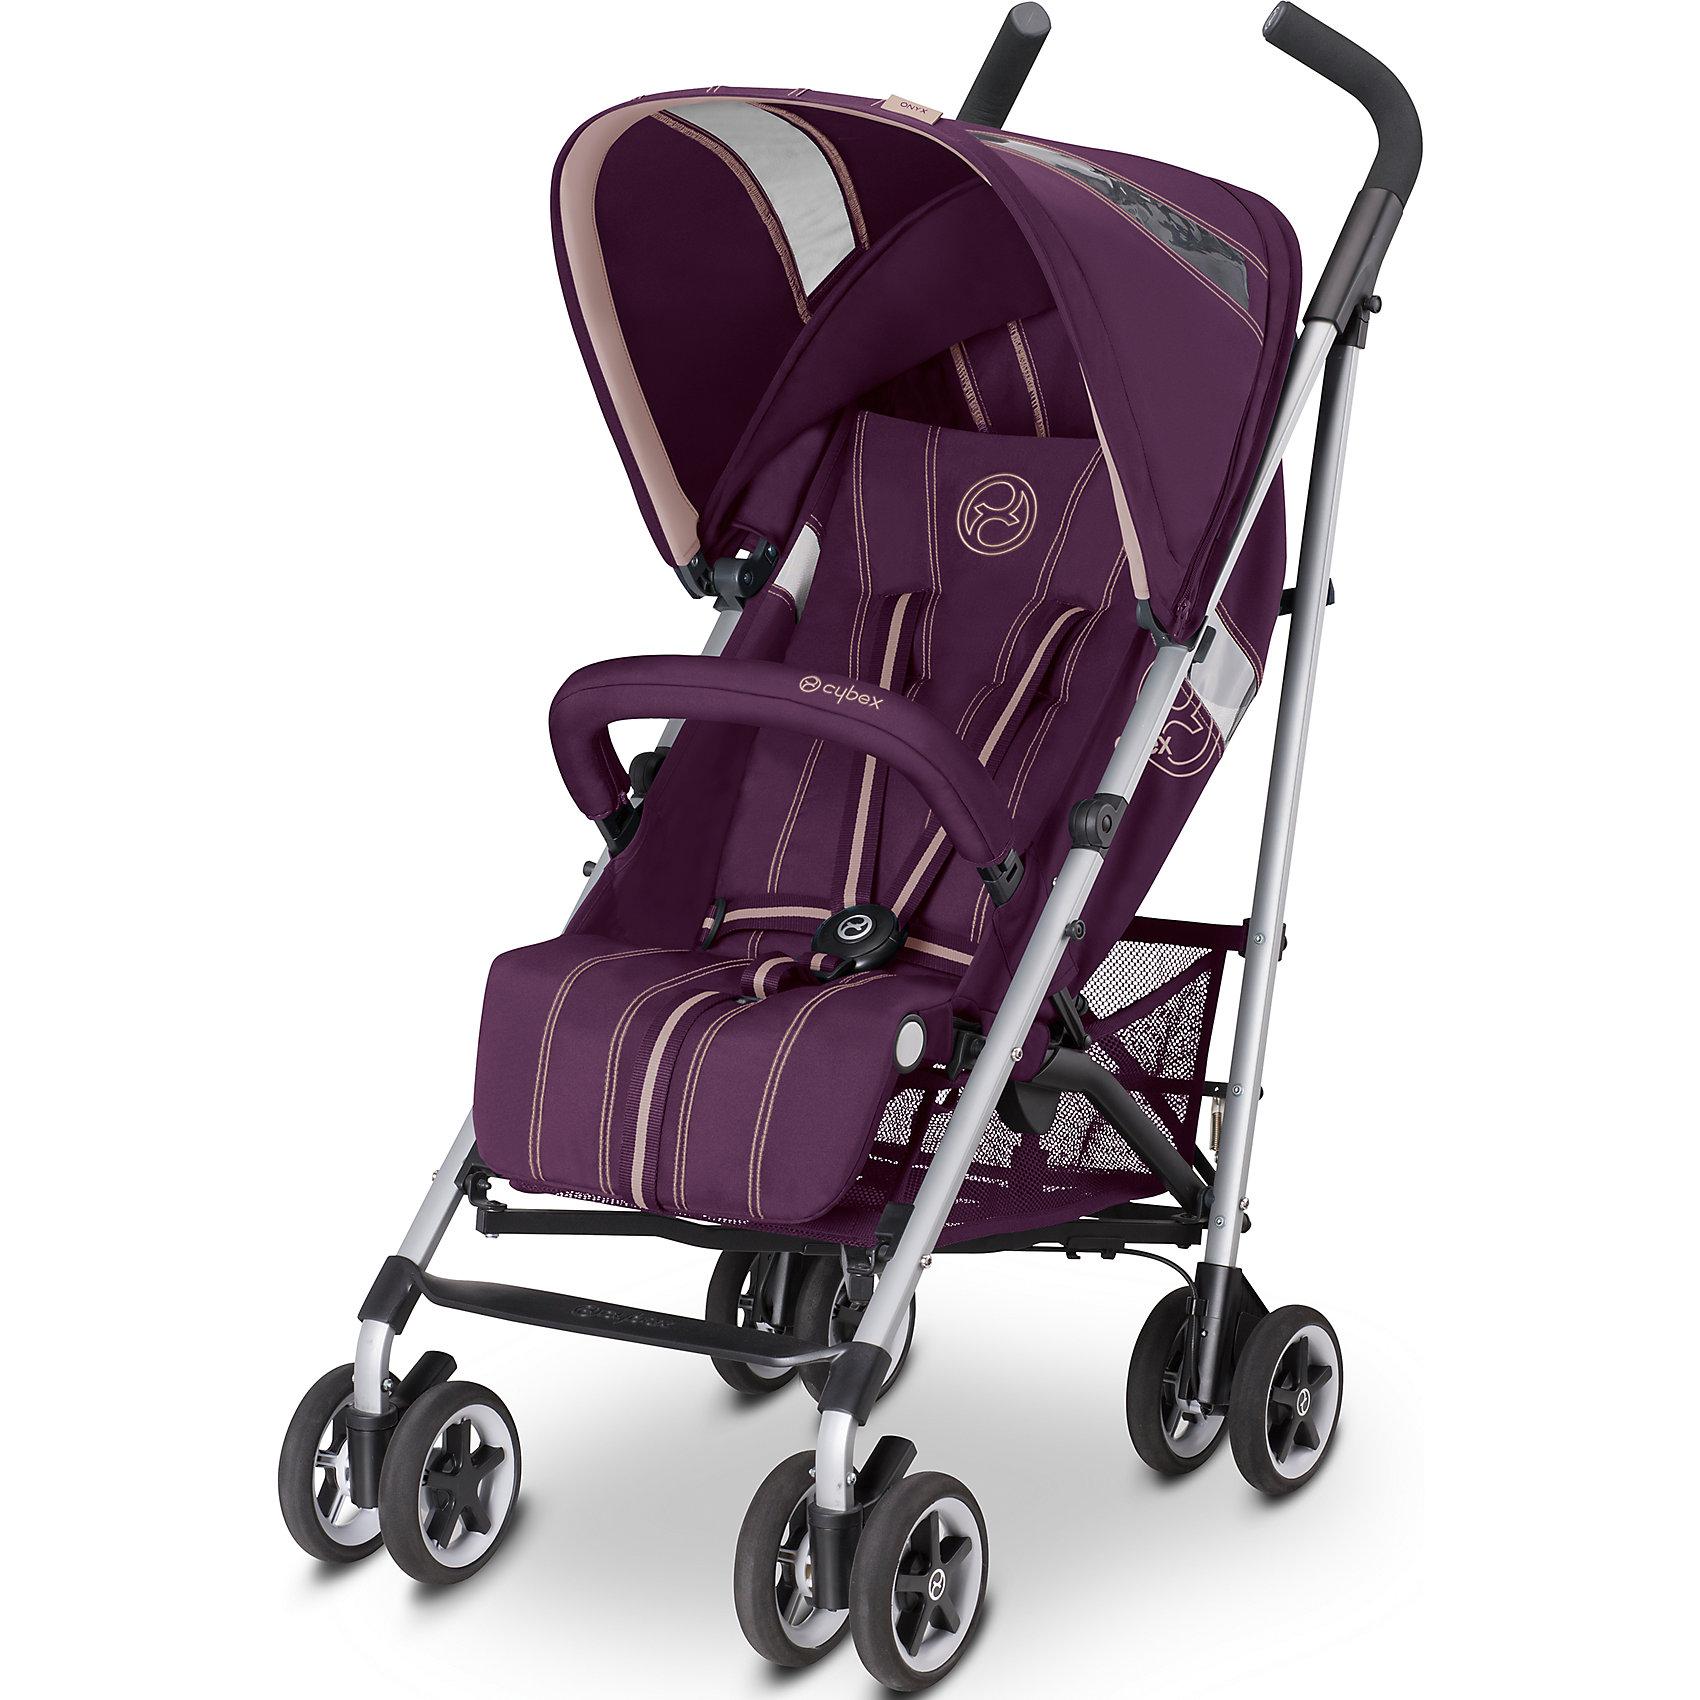 Коляска-трость Cybex Onyx Princess, розовый 2016Коляски-трости<br>Cybex Onyx - это легкая и маневренная коляска-трость, которая просто идеально подходит для прогулок по городу, удобна в магазине или в общественном транспорте, а также во время путешествий и поездок на автомобиле. Коляска легко складывается и раскладывается. Подходит для детей с 6 месяцев и примерно до 3 лет. <br><br>Особенности:<br>- 4 положения спинки. Спинка откидывается почти горизонтально, что очень удобно для малыша во время сна на прогулке (170?)<br>- 5-ти точечные ремни безопасности с запатентованной системой натяжения ремней одним нажатием обеспечат вашему малышу надежную защиту;<br>- Обивка выполнена из дышащих материалов, летом коляска хорошо вентилируется, что сделает прогулку малыша еще комфортнее;<br>- Есть съемный бампер (перекладина безопасности перед ребенком);<br>- Внушительный капюшон будет отличной защитой малышу от солнца;<br>- Прочный силиконовый дождевик, который идет в комплекте, надежно укроет вашего ребенка от дождя;<br>- Смотровое окошко на капюшоне дает возможность наблюдать за малышом;<br>- В капюшоне Сайбекс Оникс есть дополнительный карман для необходимых мелочей, которые должны быть под рукой;<br>- Регулируемая подножка значительно удлиняет спальное место;<br>- Удобные, эргономичной формы ручки с нескользящими накладками (ручки не регулируются);<br>- Прочная рама из 100% алюминия очень легкая, благодаря чему коляской легкой управлять и она удобна для транспортировки;<br>- 4 пары сдвоенных колес, которые изготовлены из плотной и прочной резины, а литые диски на колесах сделаны из бесшумного и морозоустойчивого пластика;<br>- Передние поворотные колеса (вращаются на 360 градусов), которые легко фиксируются, обеспечивают отличную управляемость и маневренность коляски;<br>- На задних колесах Cybex Onyx центральный тормоз, который надежно удержит коляску на месте. Также на задних колесах мягкая подвеска, которая будет сглаживать неровности на дороге;<br>для удобства переноса